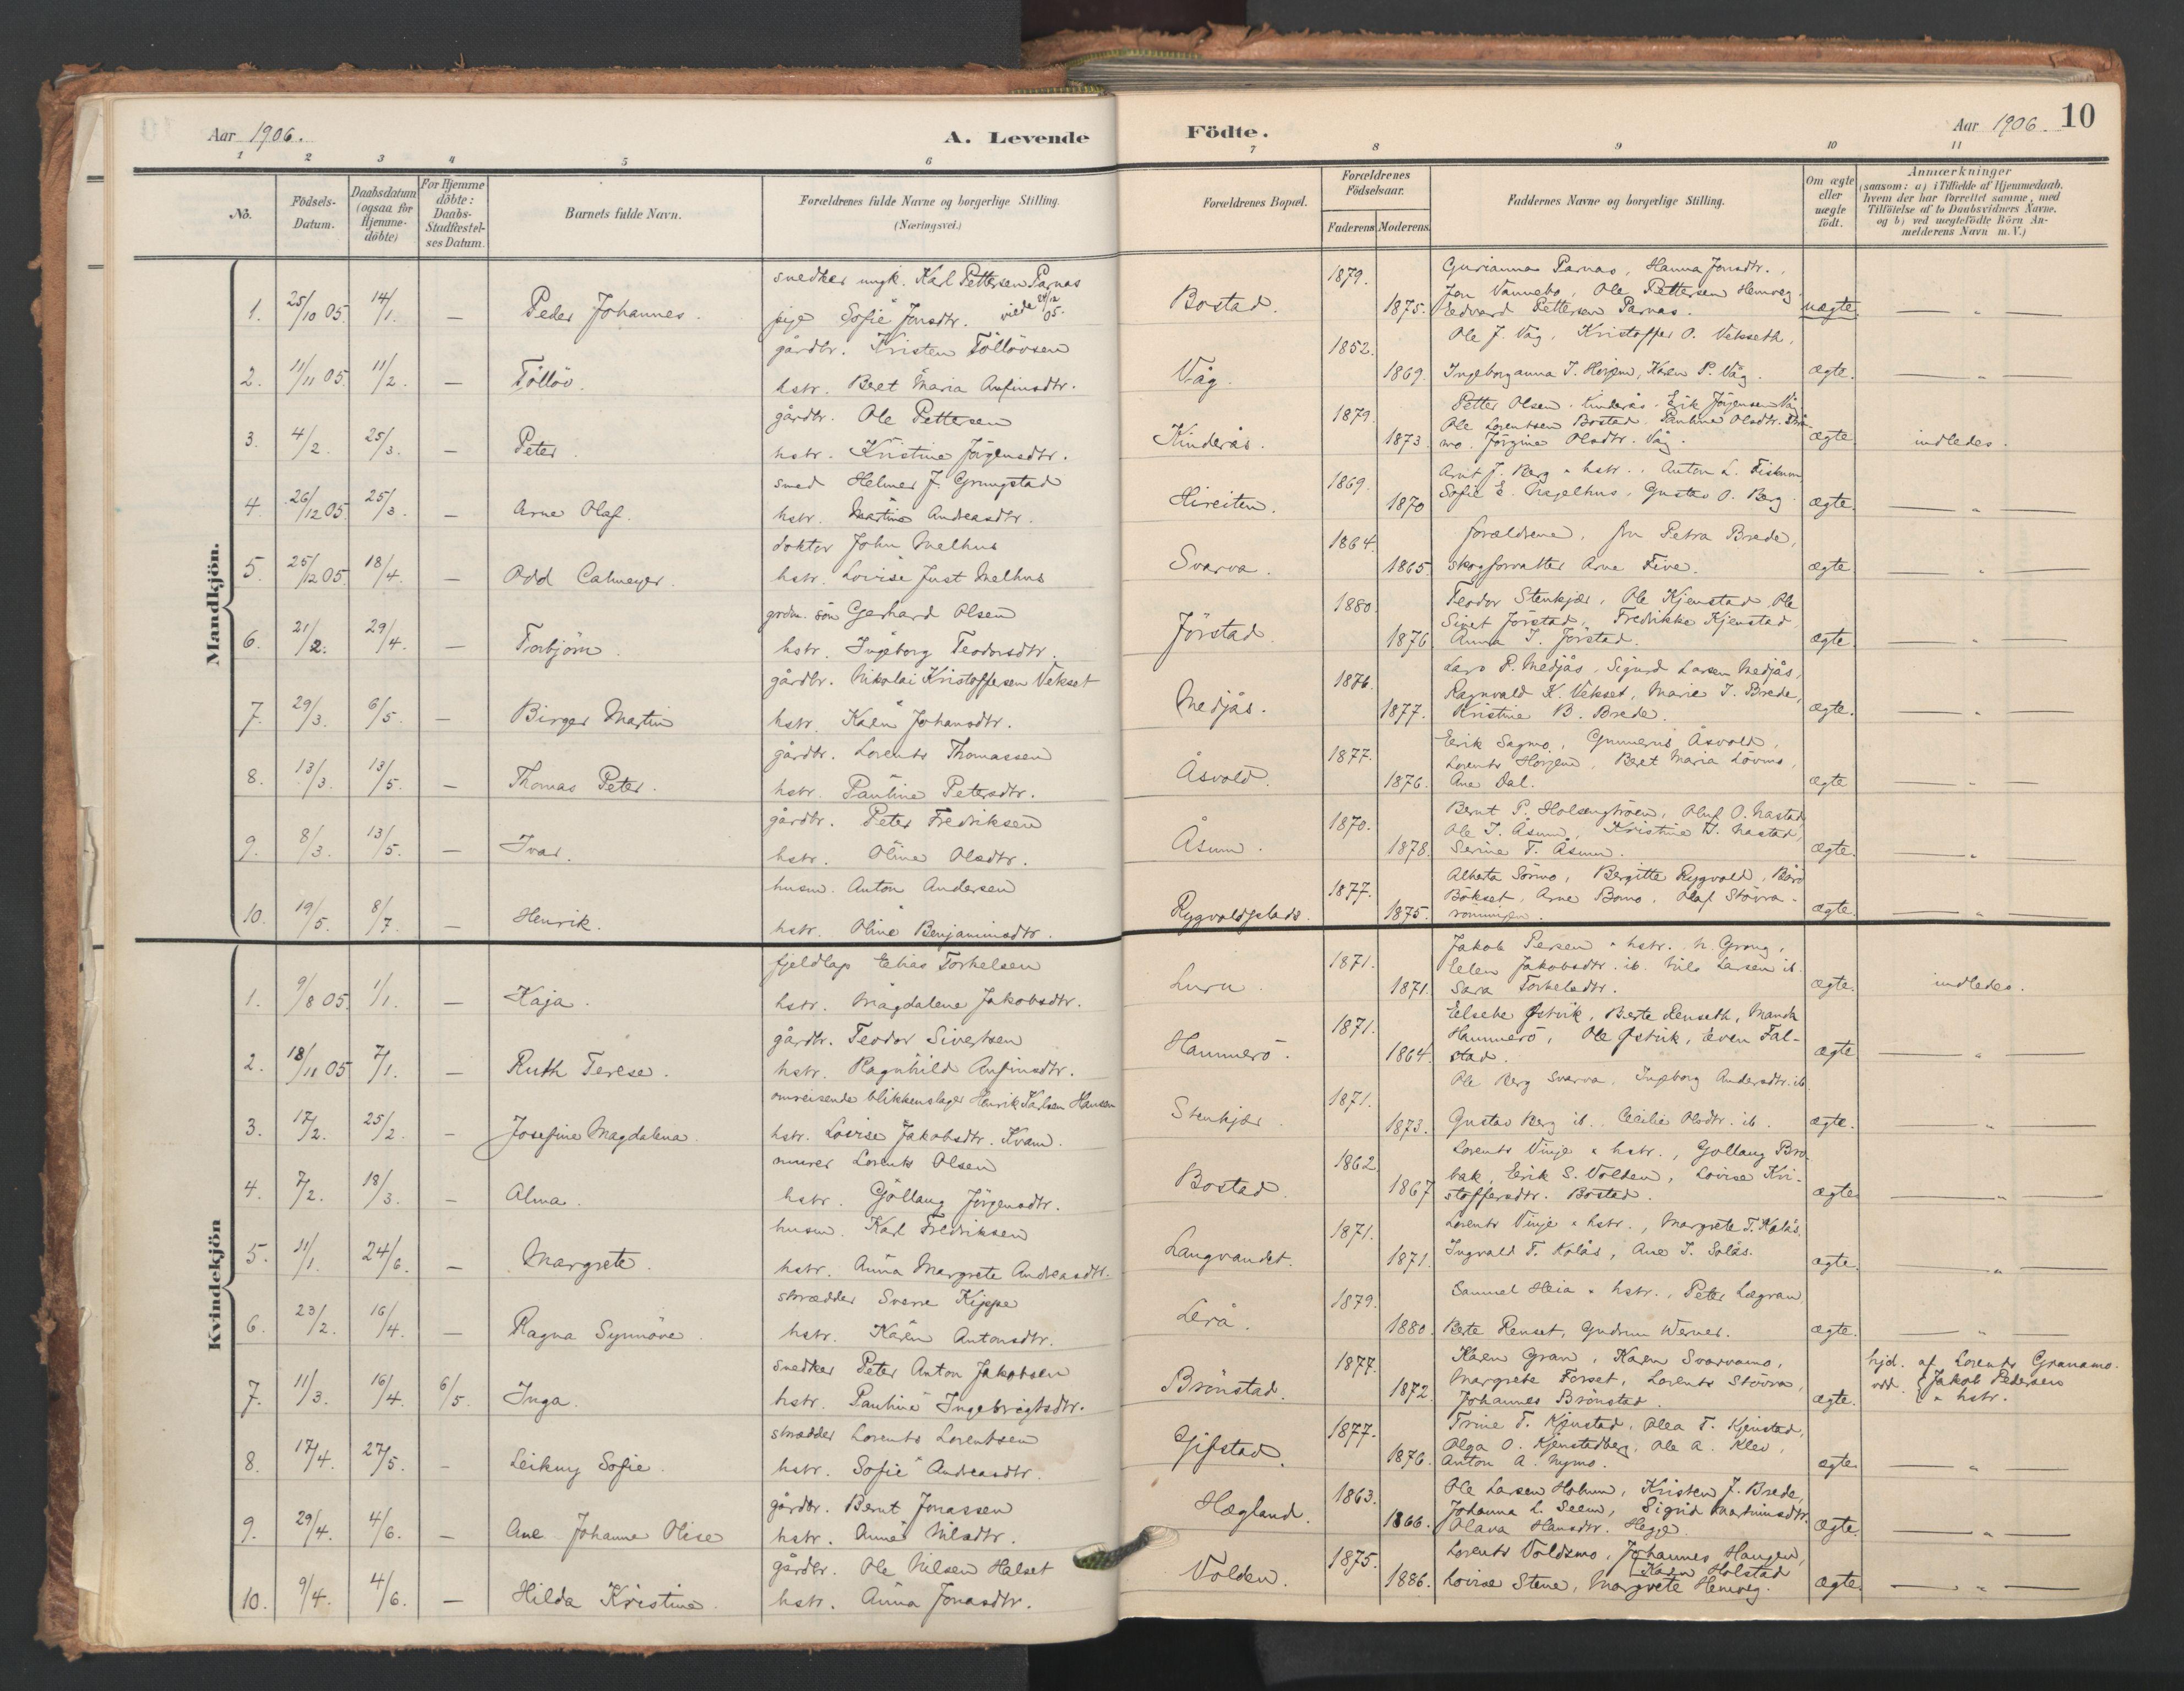 SAT, Ministerialprotokoller, klokkerbøker og fødselsregistre - Nord-Trøndelag, 749/L0477: Ministerialbok nr. 749A11, 1902-1927, s. 10